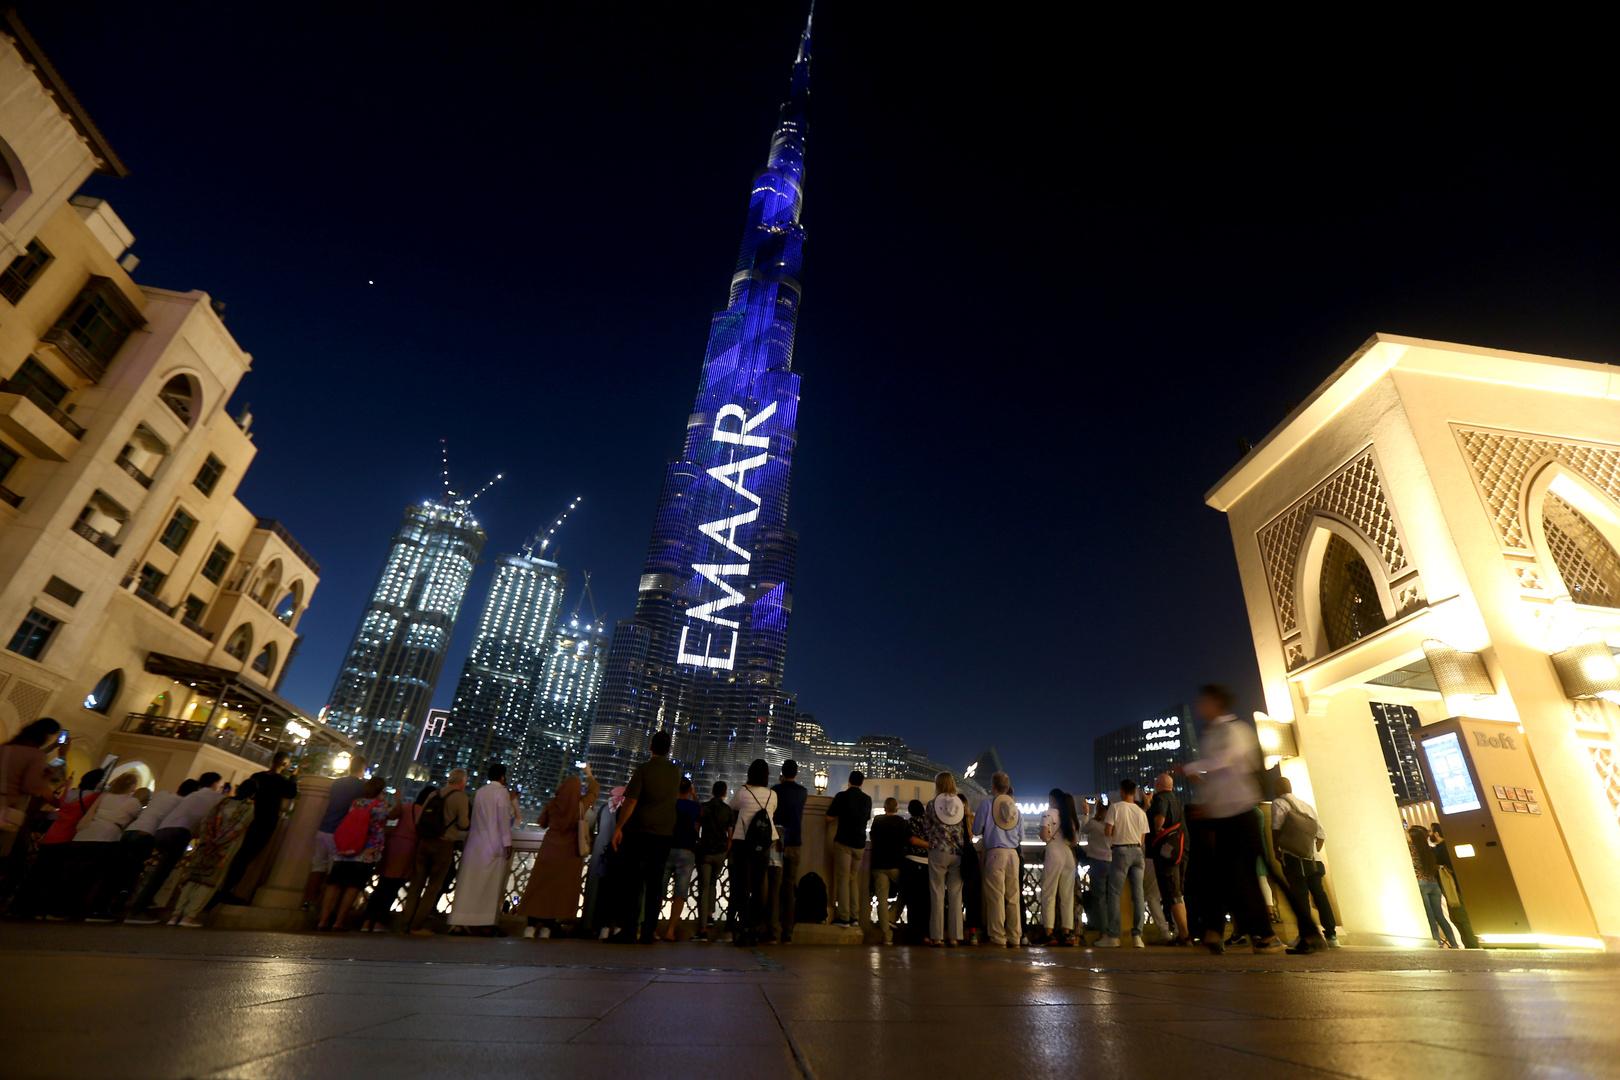 الإمارات تسجل 50 إصابة جديدة بكورونا.. وتعميم هام من وزارة الصحة